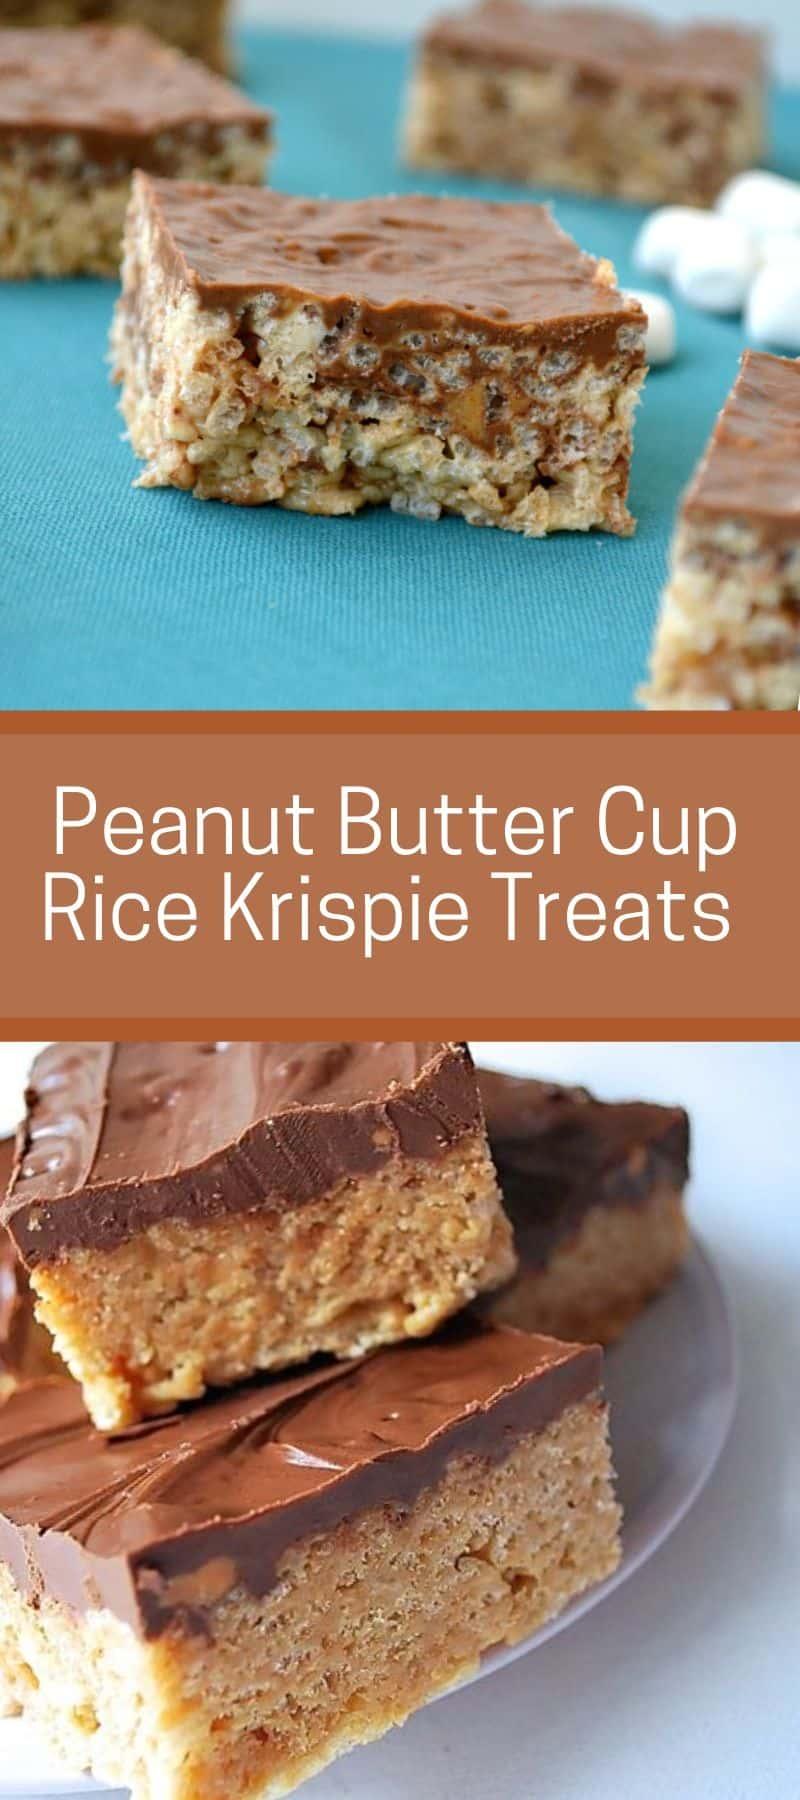 Peanut Butter Cup Rice Krispie Treats Recipe 3